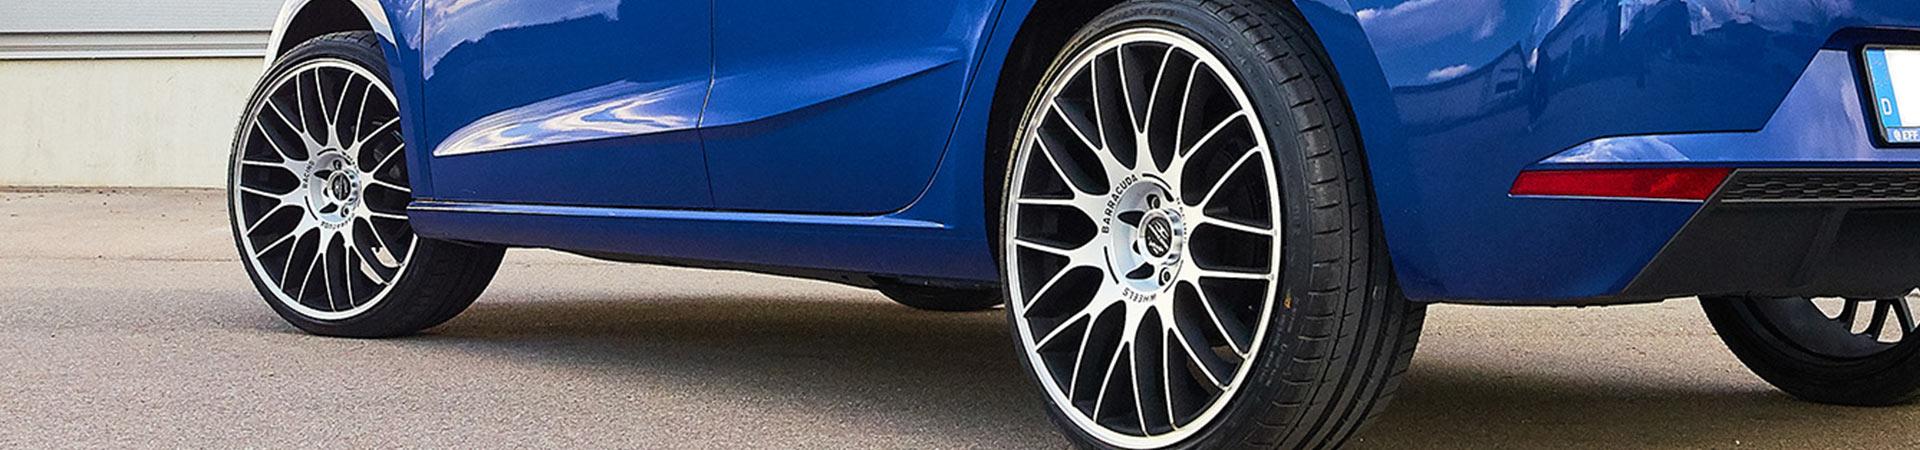 Fahrzeugtechnik Eff Reifen